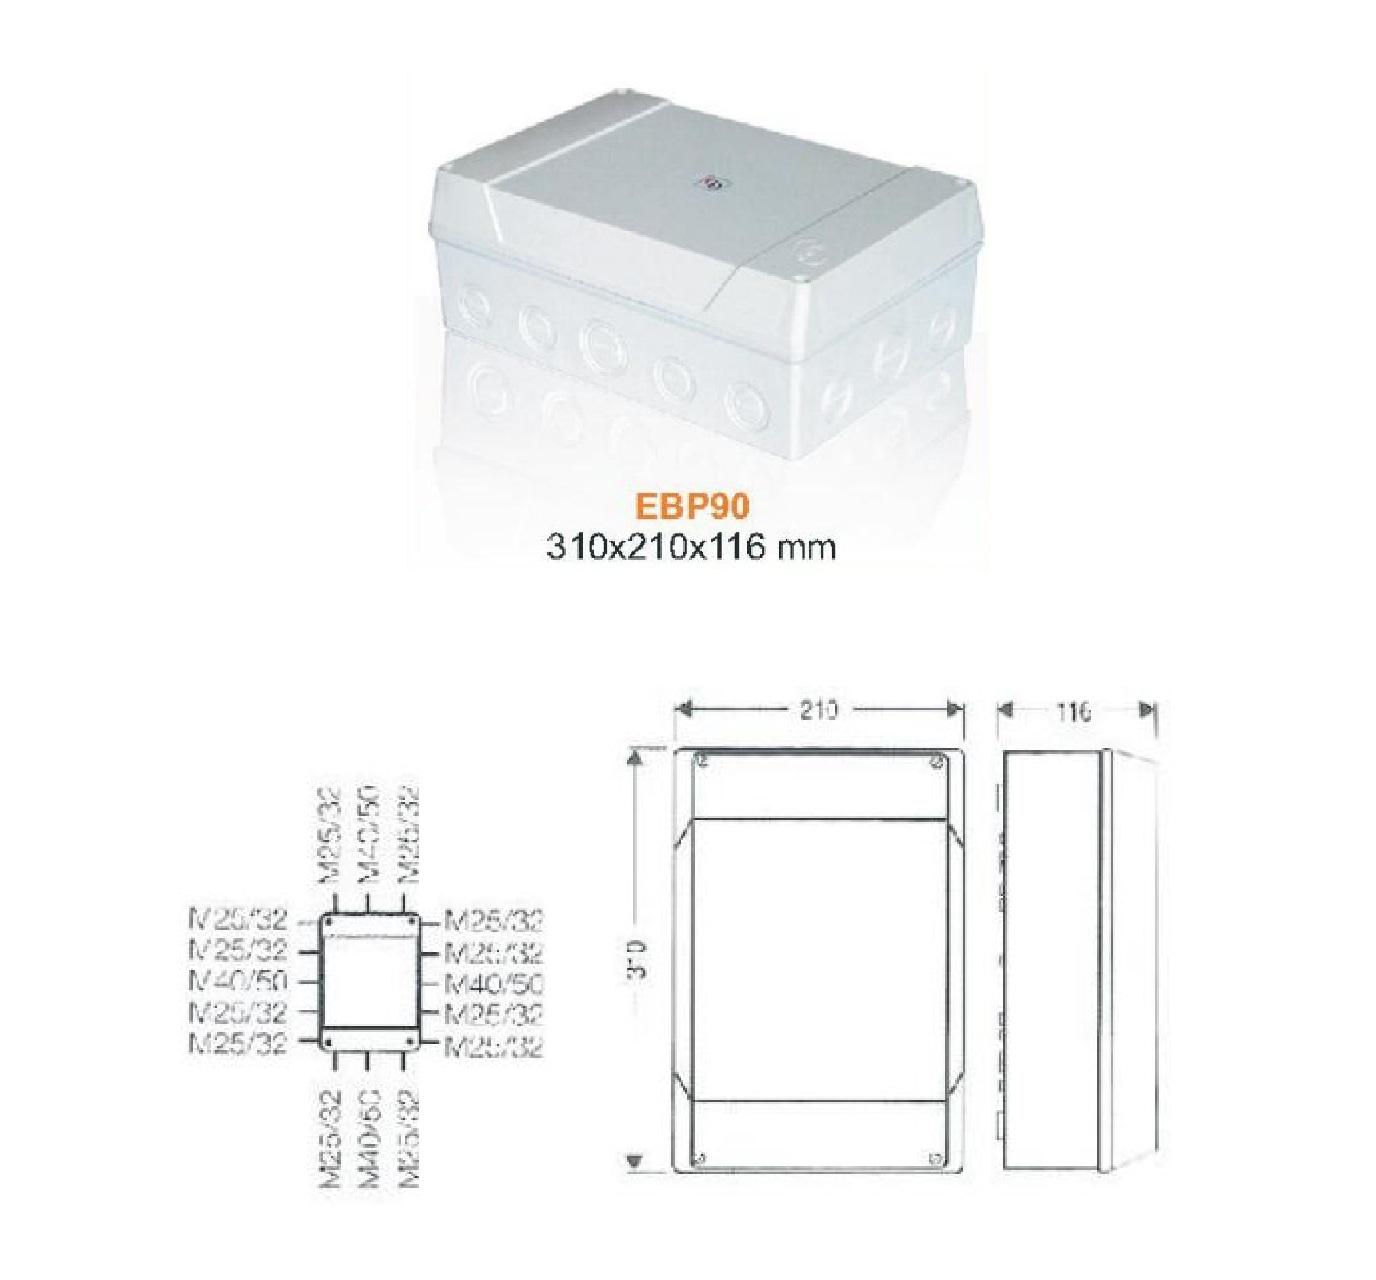 جعبه تقسیم پلاستیکی EBP